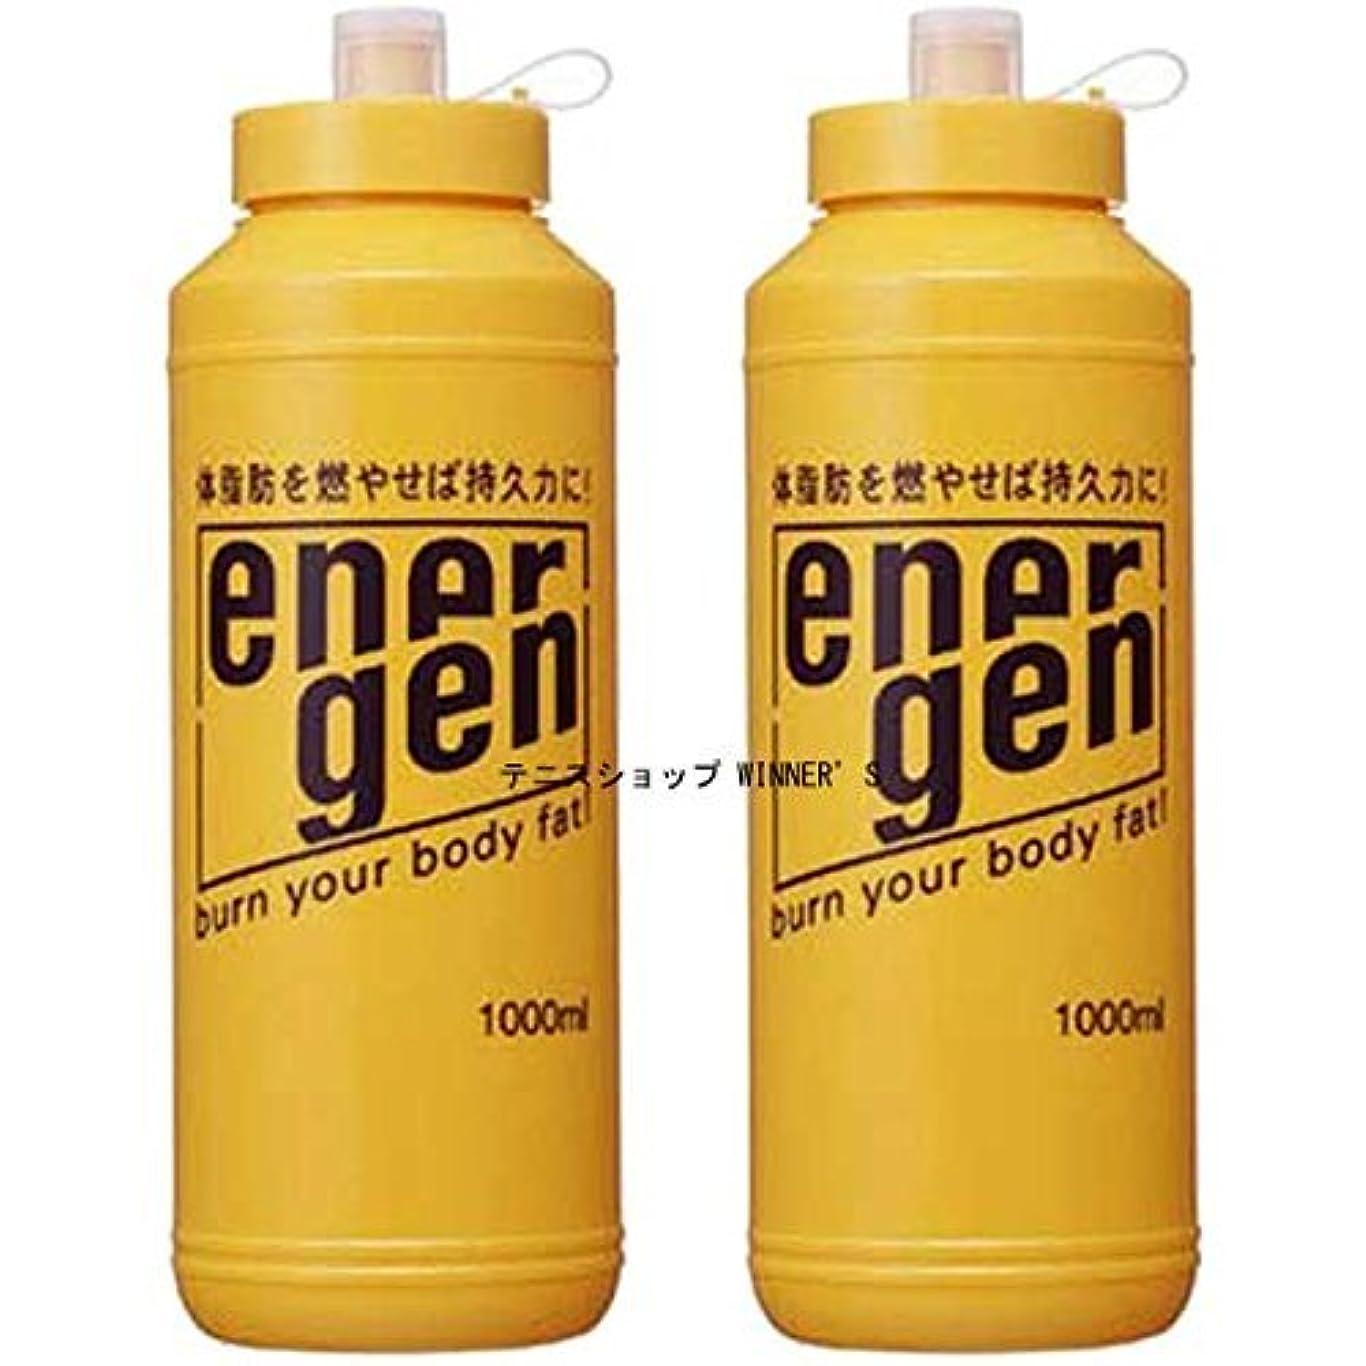 妻学ぶ嫌悪大塚製薬 エネルゲン スクイズボトル 1L用×2本 2本セット 55651-2SET